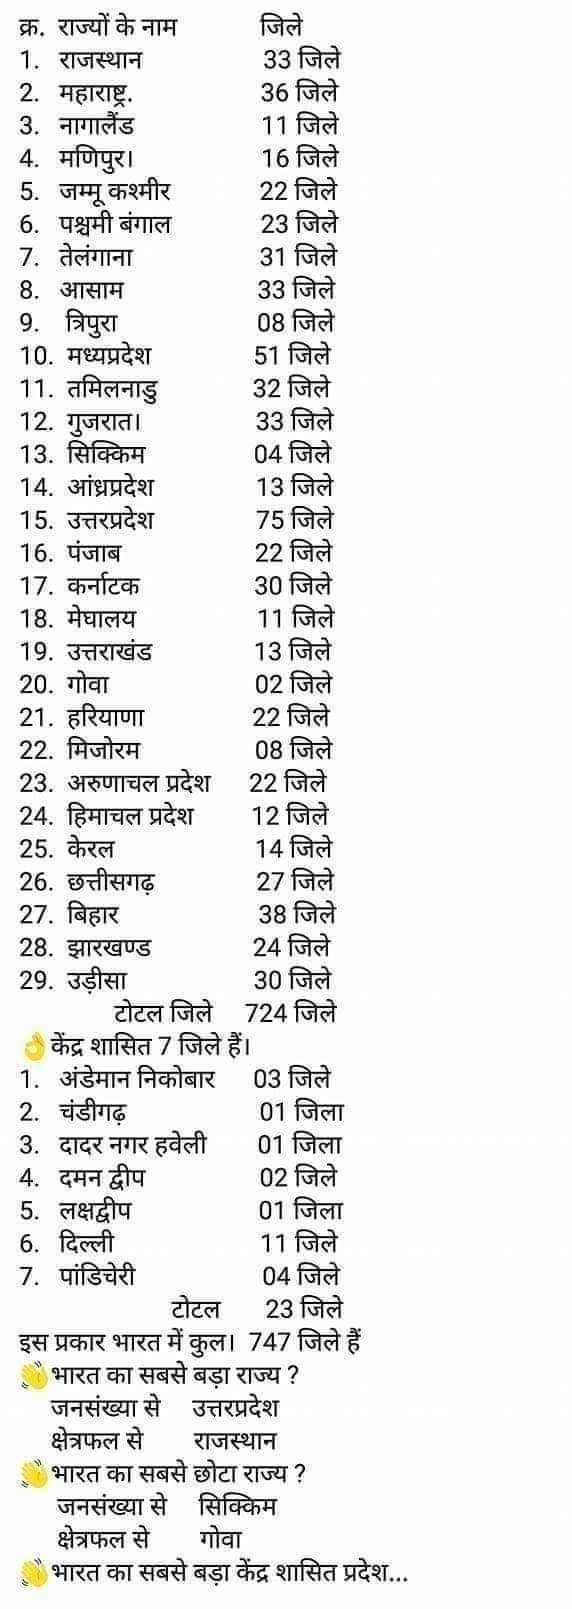 📢जॉब्स/एग्जाम नोटिस बोर्ड - क्र . राज्यों के नाम जिले 1 . राजस्थान 33 जिले 2 . महाराष्ट्र . 36 जिले 3 . नागालैंड 11 जिले 4 . मणिपुर । 16 जिले 5 . जम्मू कश्मीर 22 जिले 6 . पश्चमी बंगाल 23 जिले 7 . तेलंगाना 31 जिले 8 . आसाम 33 जिले 9 . त्रिपुरा 08 जिले 10 . मध्यप्रदेश 51 जिले 11 . तमिलनाडु 32 जिले 12 . गुजरात । 33 जिले 13 . सिक्किम 04 जिले 14 . आंध्रप्रदेश 13 जिले 15 . उत्तरप्रदेश 75 जिले 16 . पंजाब 22 जिले 17 . कर्नाटक 30 जिले 18 . मेघालय 11 जिले 19 . उत्तराखंड 13 जिले 20 . गोवा 02 जिले 21 . हरियाणा 22 जिले 22 . मिजोरम 08 जिले 23 . अरुणाचल प्रदेश 22 जिले 24 . हिमाचल प्रदेश 12 जिले 25 . केरल 14 जिले 26 . छत्तीसगढ़ 27 जिले 27 . बिहार 38 जिले 28 . झारखण्ड 24 जिले 29 . उड़ीसा 30 जिले टोटल जिले 724 जिले केंद्र शासित 7 जिले हैं । 1 . अंडेमान निकोबार 03 जिले 2 . चंडीगढ़ 01 जिला 3 . दादर नगर हवेली 01 जिला 4 . दमन द्वीप 02 जिले 5 . लक्षद्वीप 01 जिला 6 . दिल्ली 11 जिले 7 . पांडिचेरी 04 जिले टोटल 23 जिले इस प्रकार भारत में कुल । 747 जिले हैं भारत का सबसे बड़ा राज्य ? जनसंख्या से उत्तरप्रदेश क्षेत्रफल से राजस्थान भारत का सबसे छोटा राज्य ? जनसंख्या से सिक्किम क्षेत्रफल से गोवा भारत का सबसे बड़ा केंद्र शासित प्रदेश . . . - ShareChat